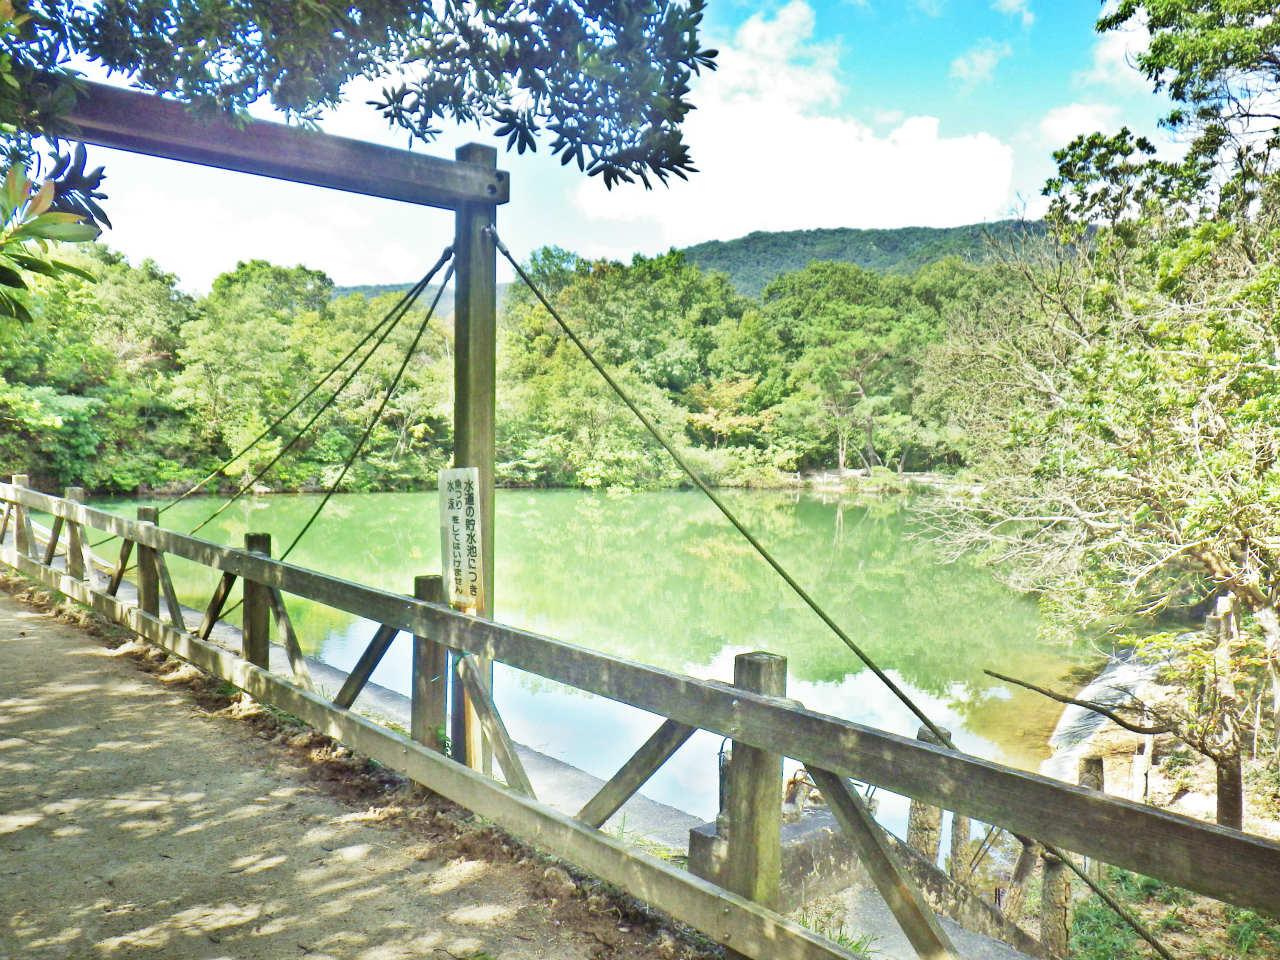 04b 北山池に架かる橋